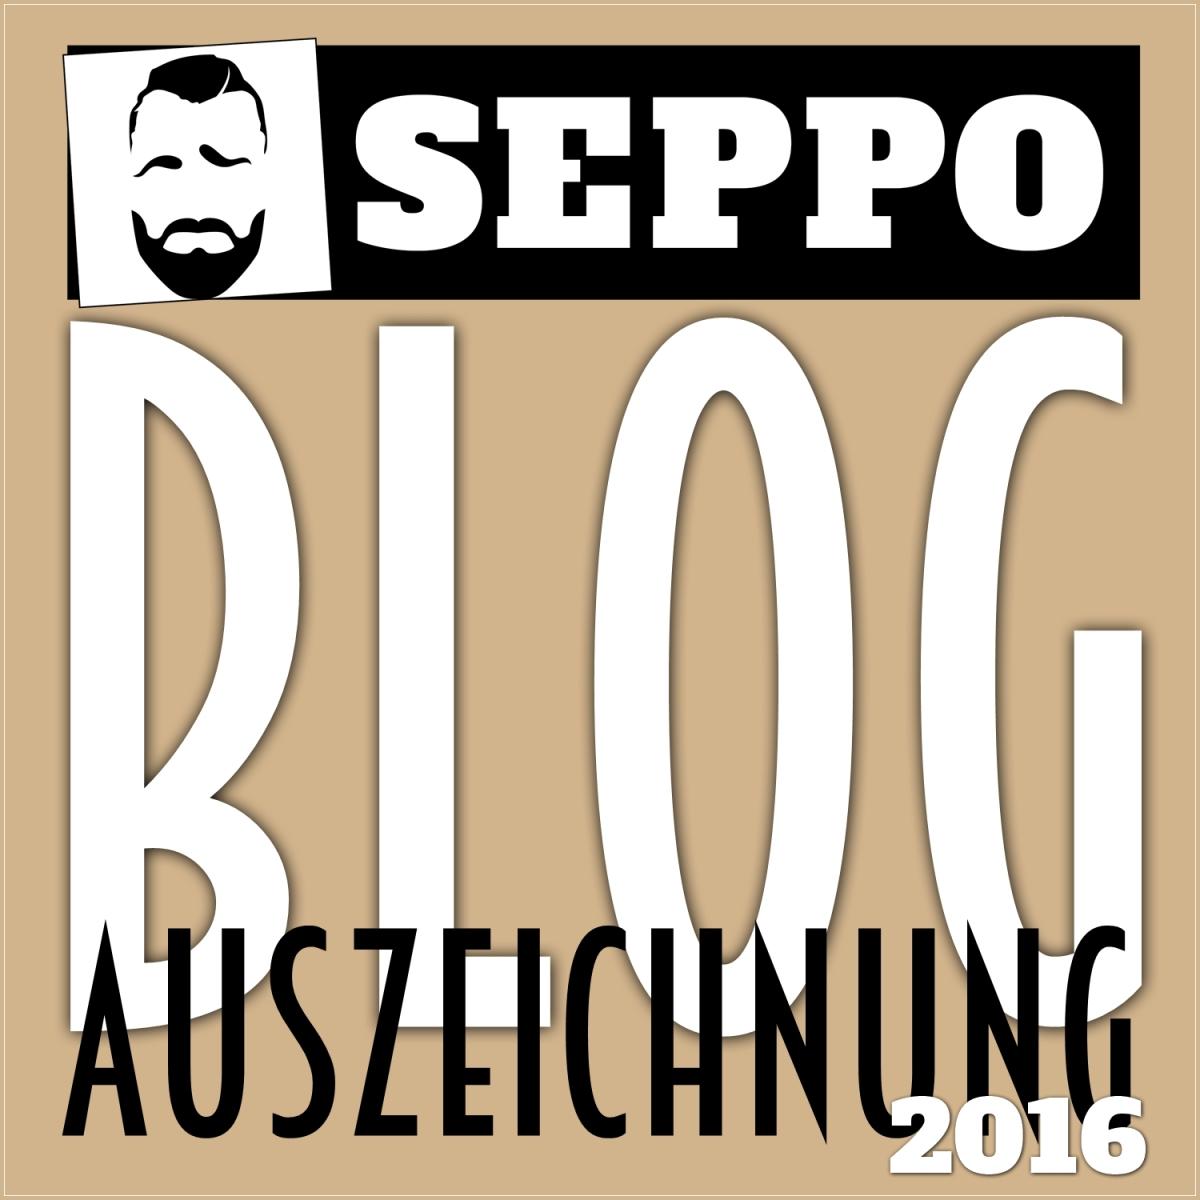 SEPPO BLOG-AUSZEICHNUNG 2016: Die 112 Nominierten